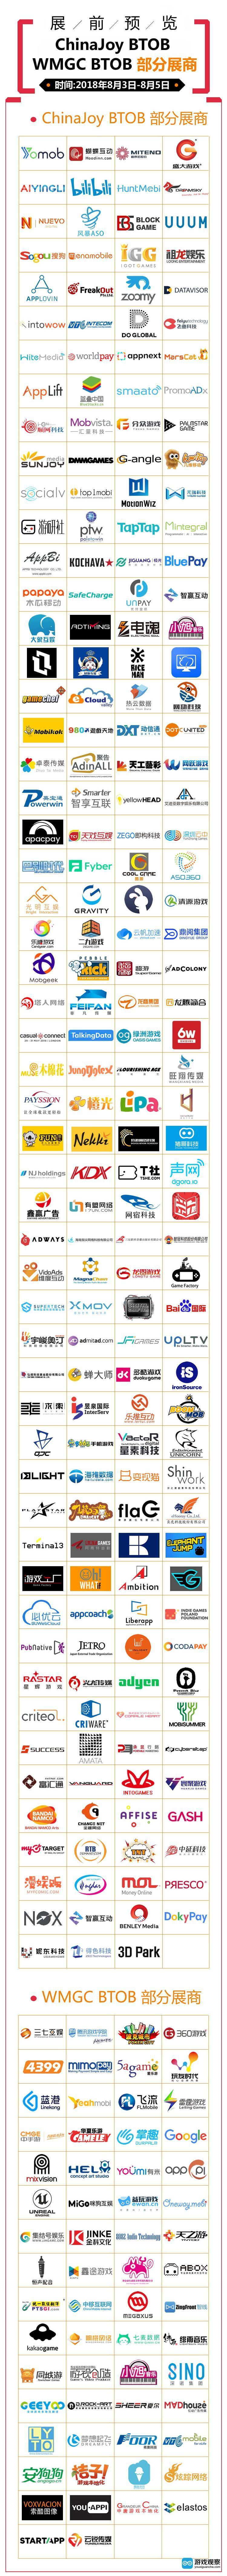 2018年第十六届ChinaJoy展前预览(BTOB篇)正式发布